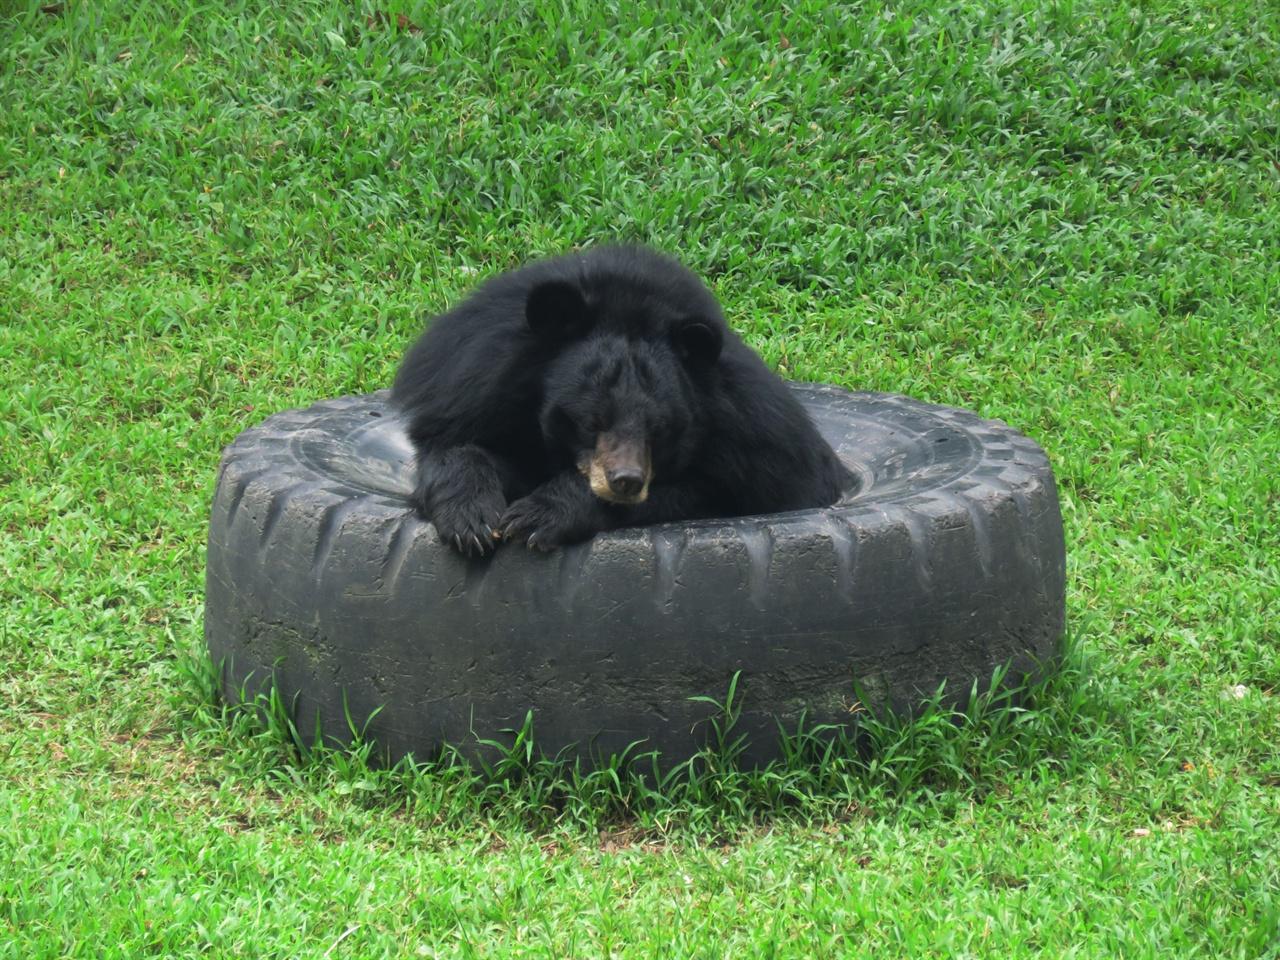 편안해 보이는 곰의 모습. 앞으로도 평안하길.